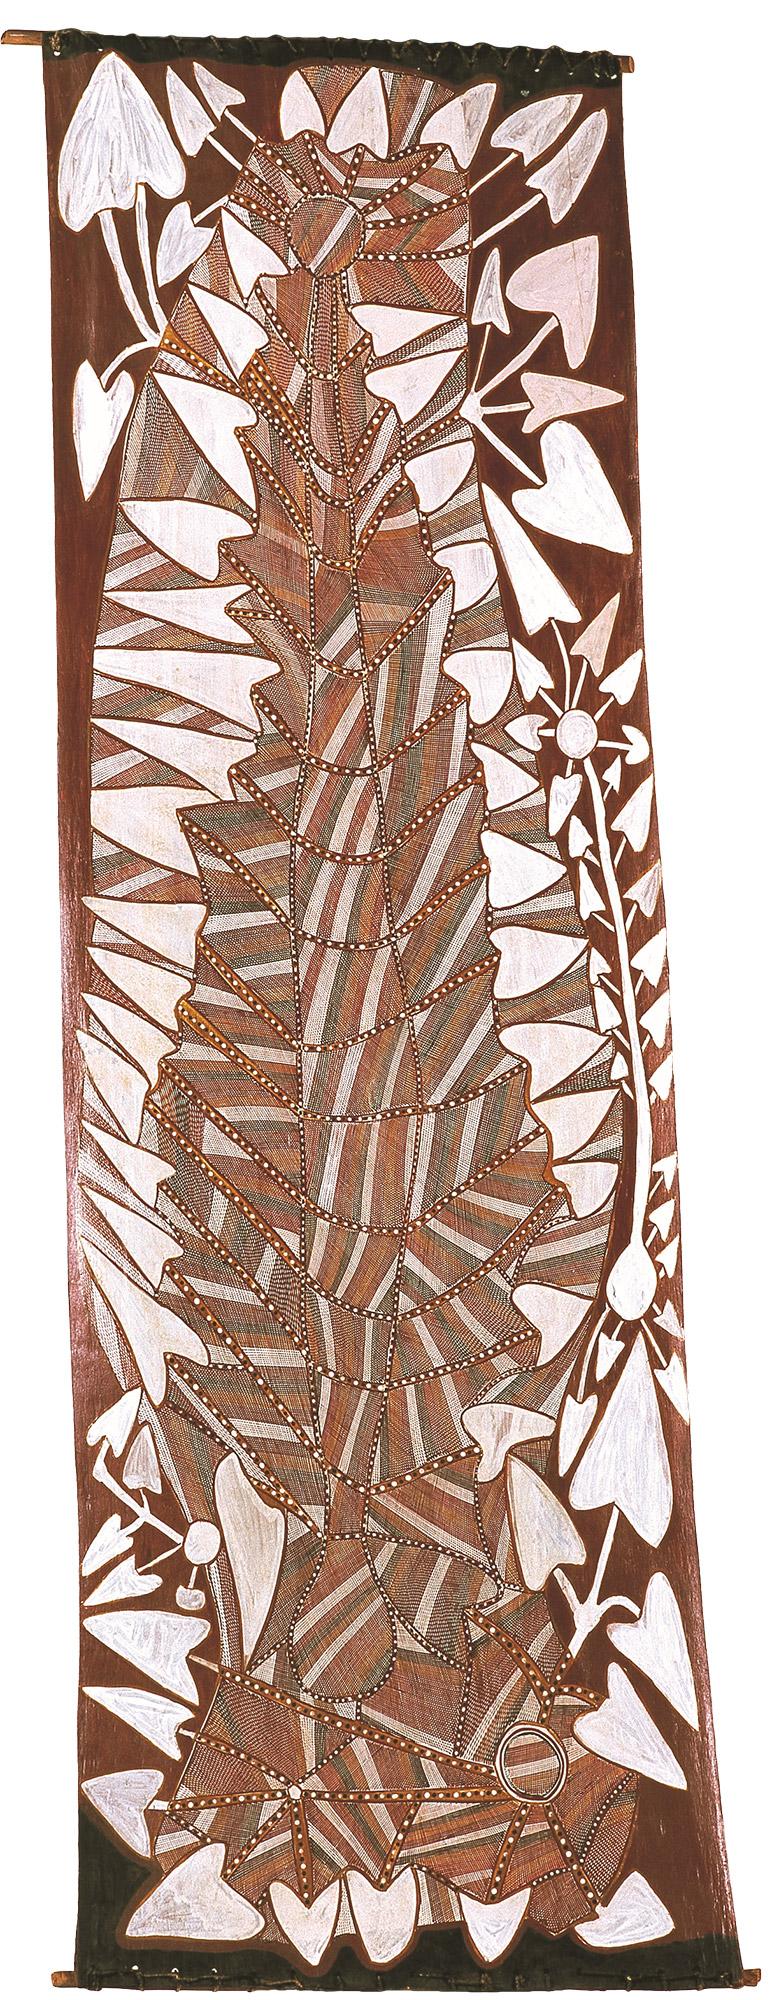 Wayak (waterlilies).jpg